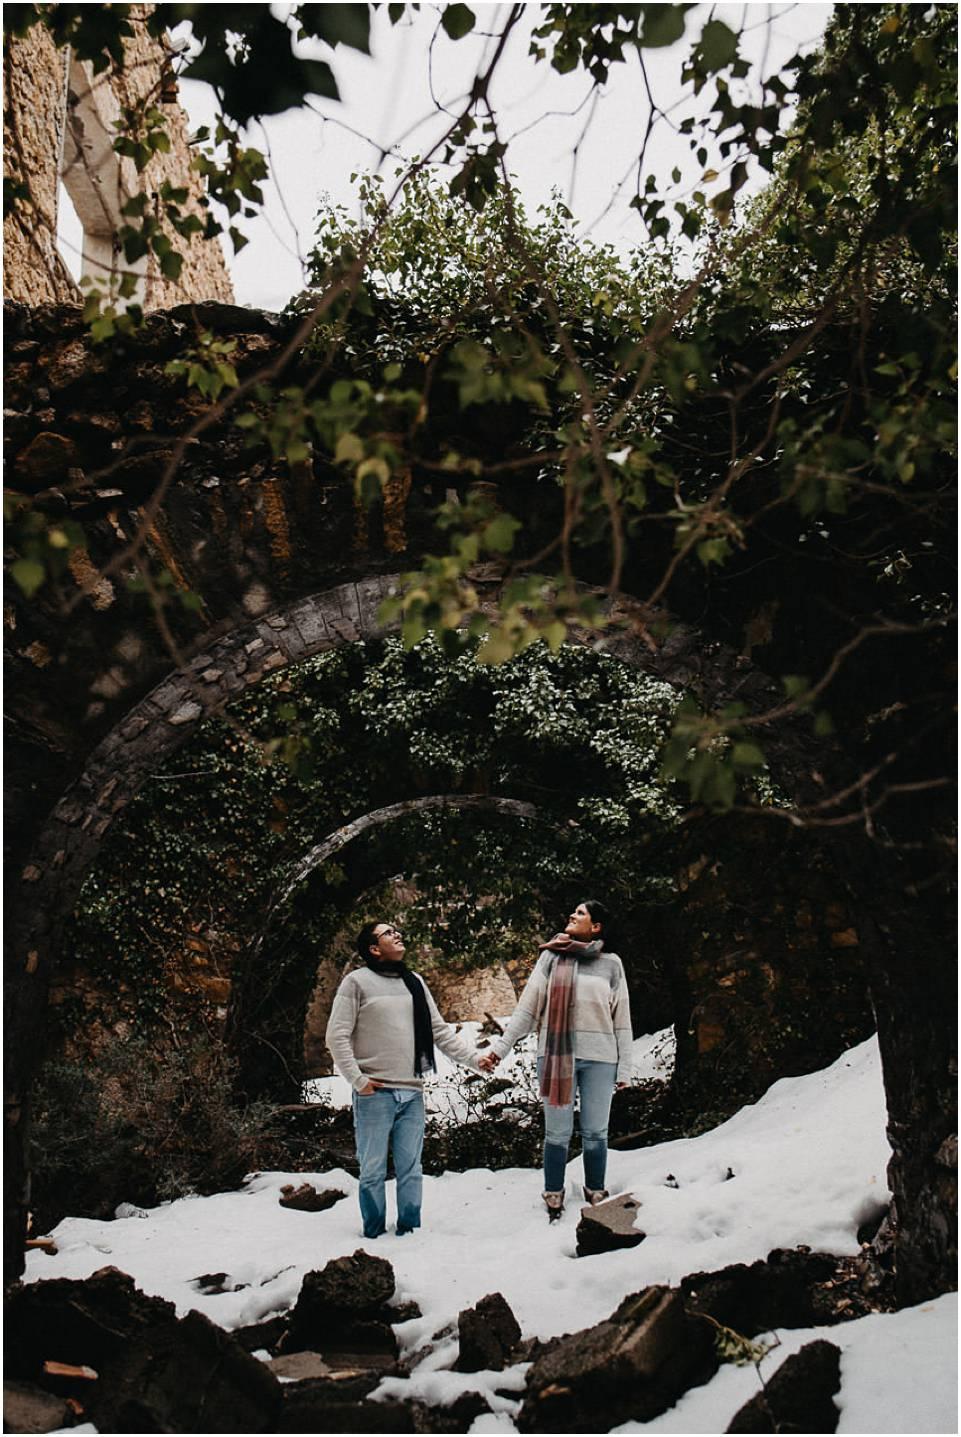 pareja en la nieve de almeria